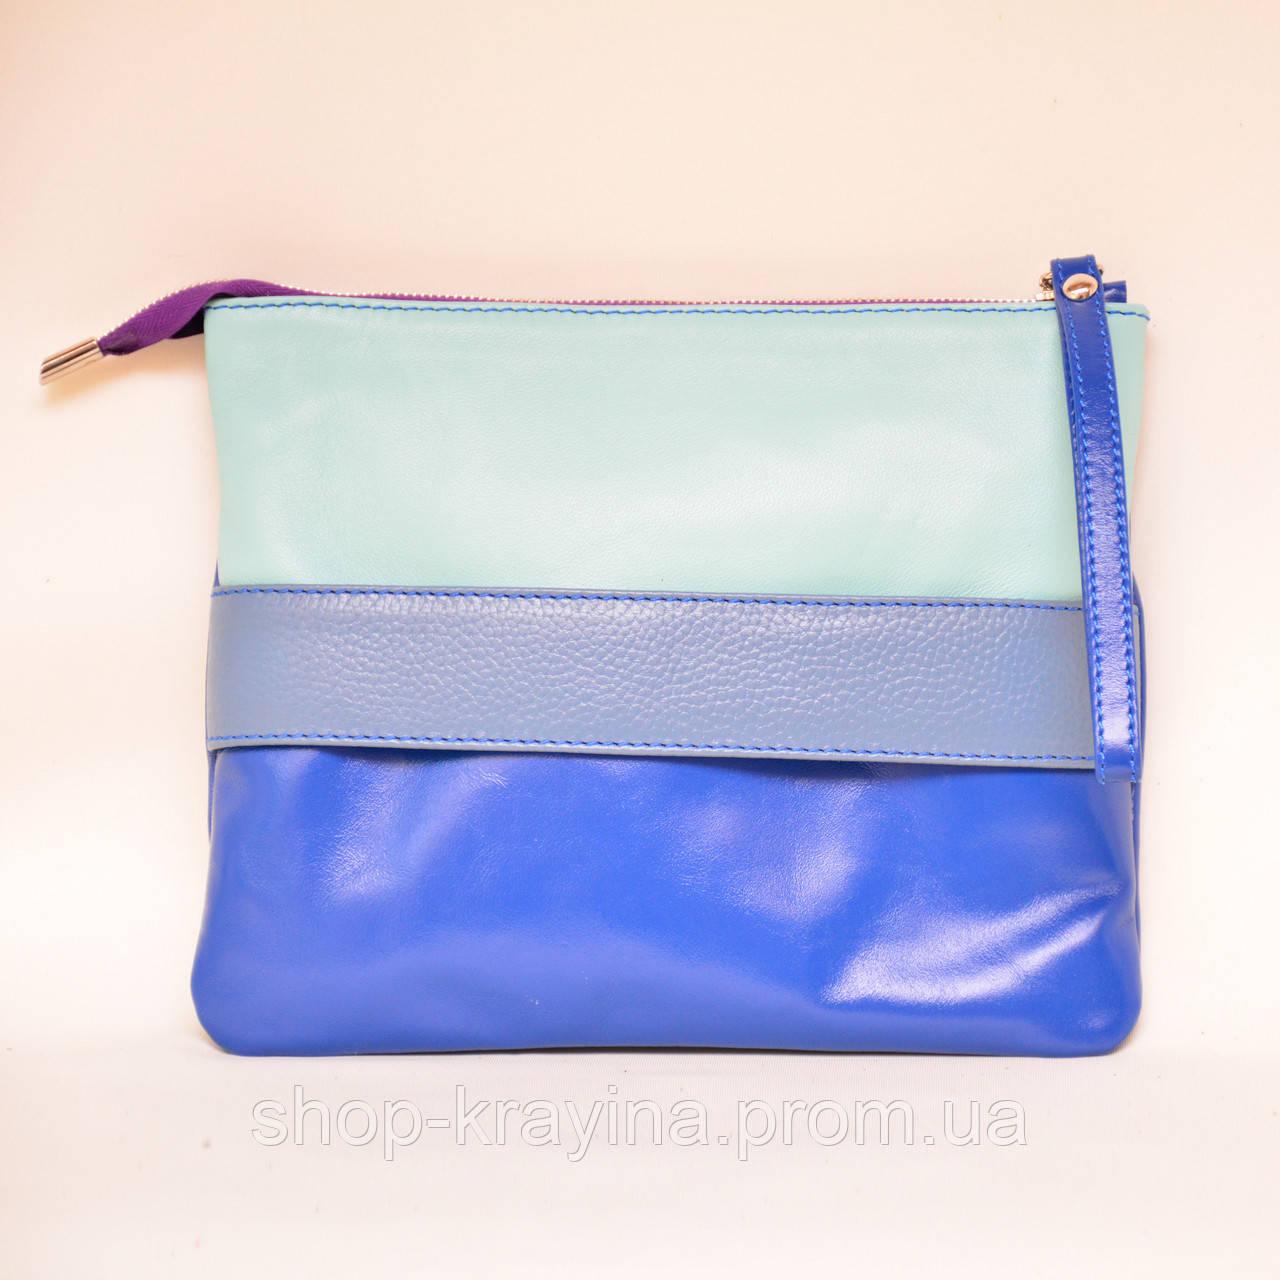 Кожаный клатч VS134 blue grey 24х20 см